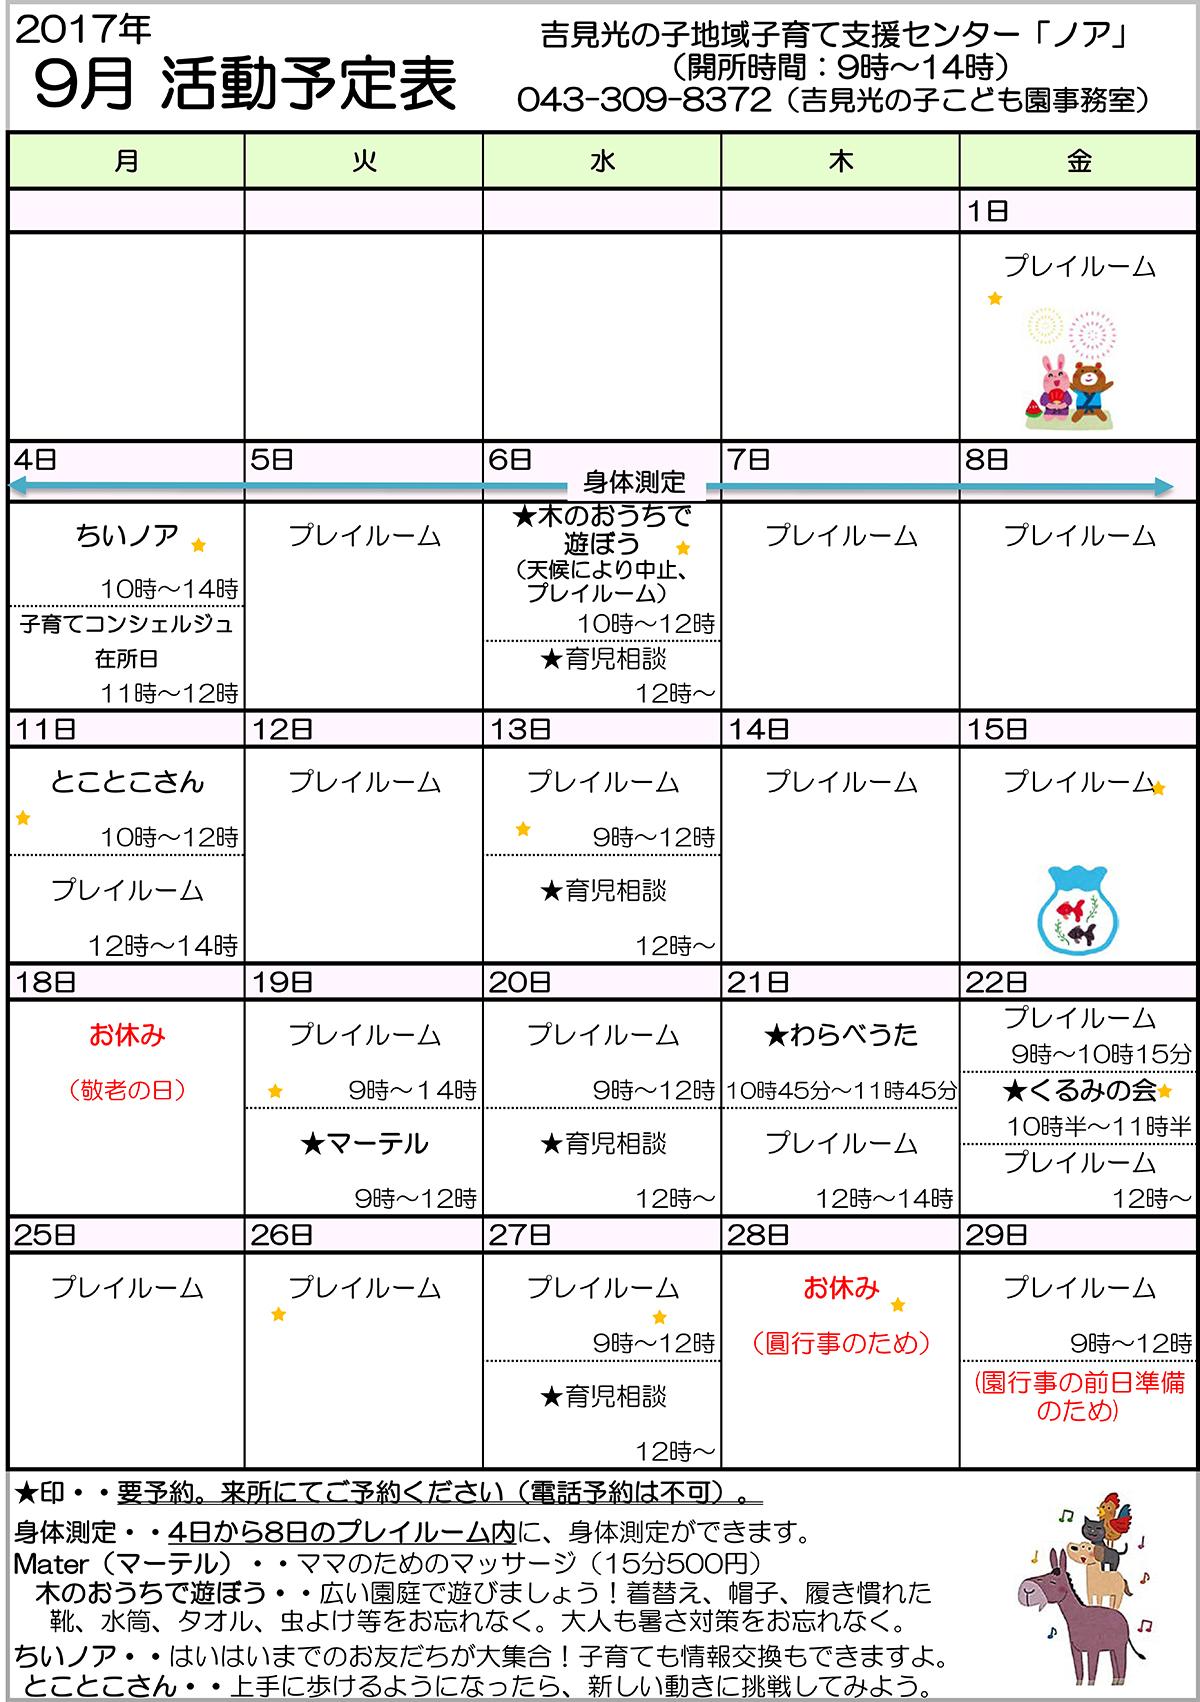 9月ノア活動予定表